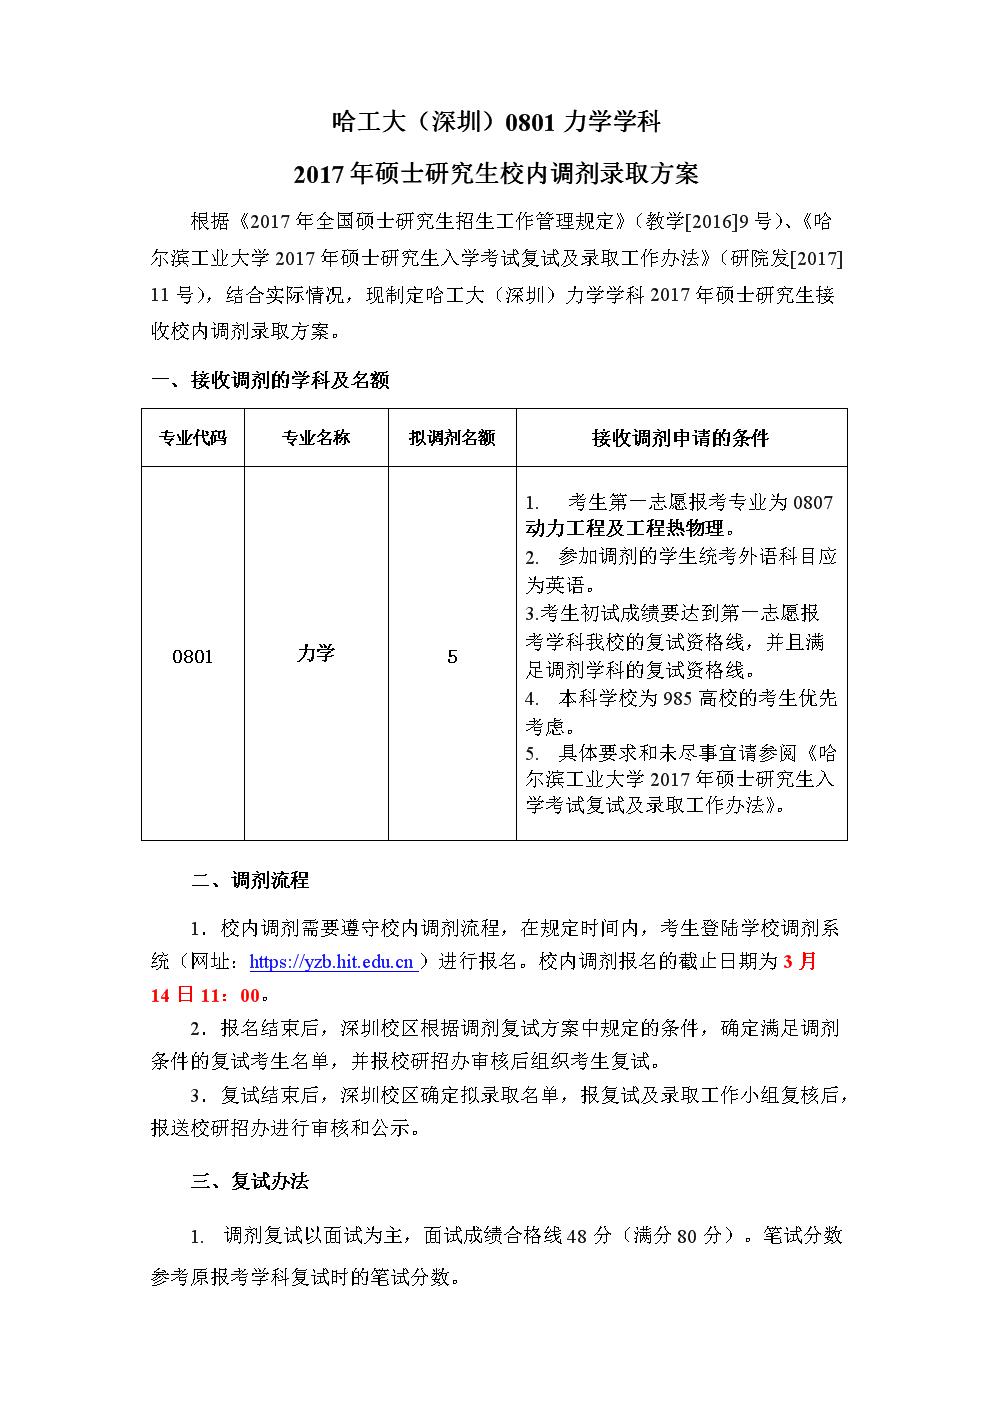 哈工大(深圳)0801力學學科(校內調劑.docx